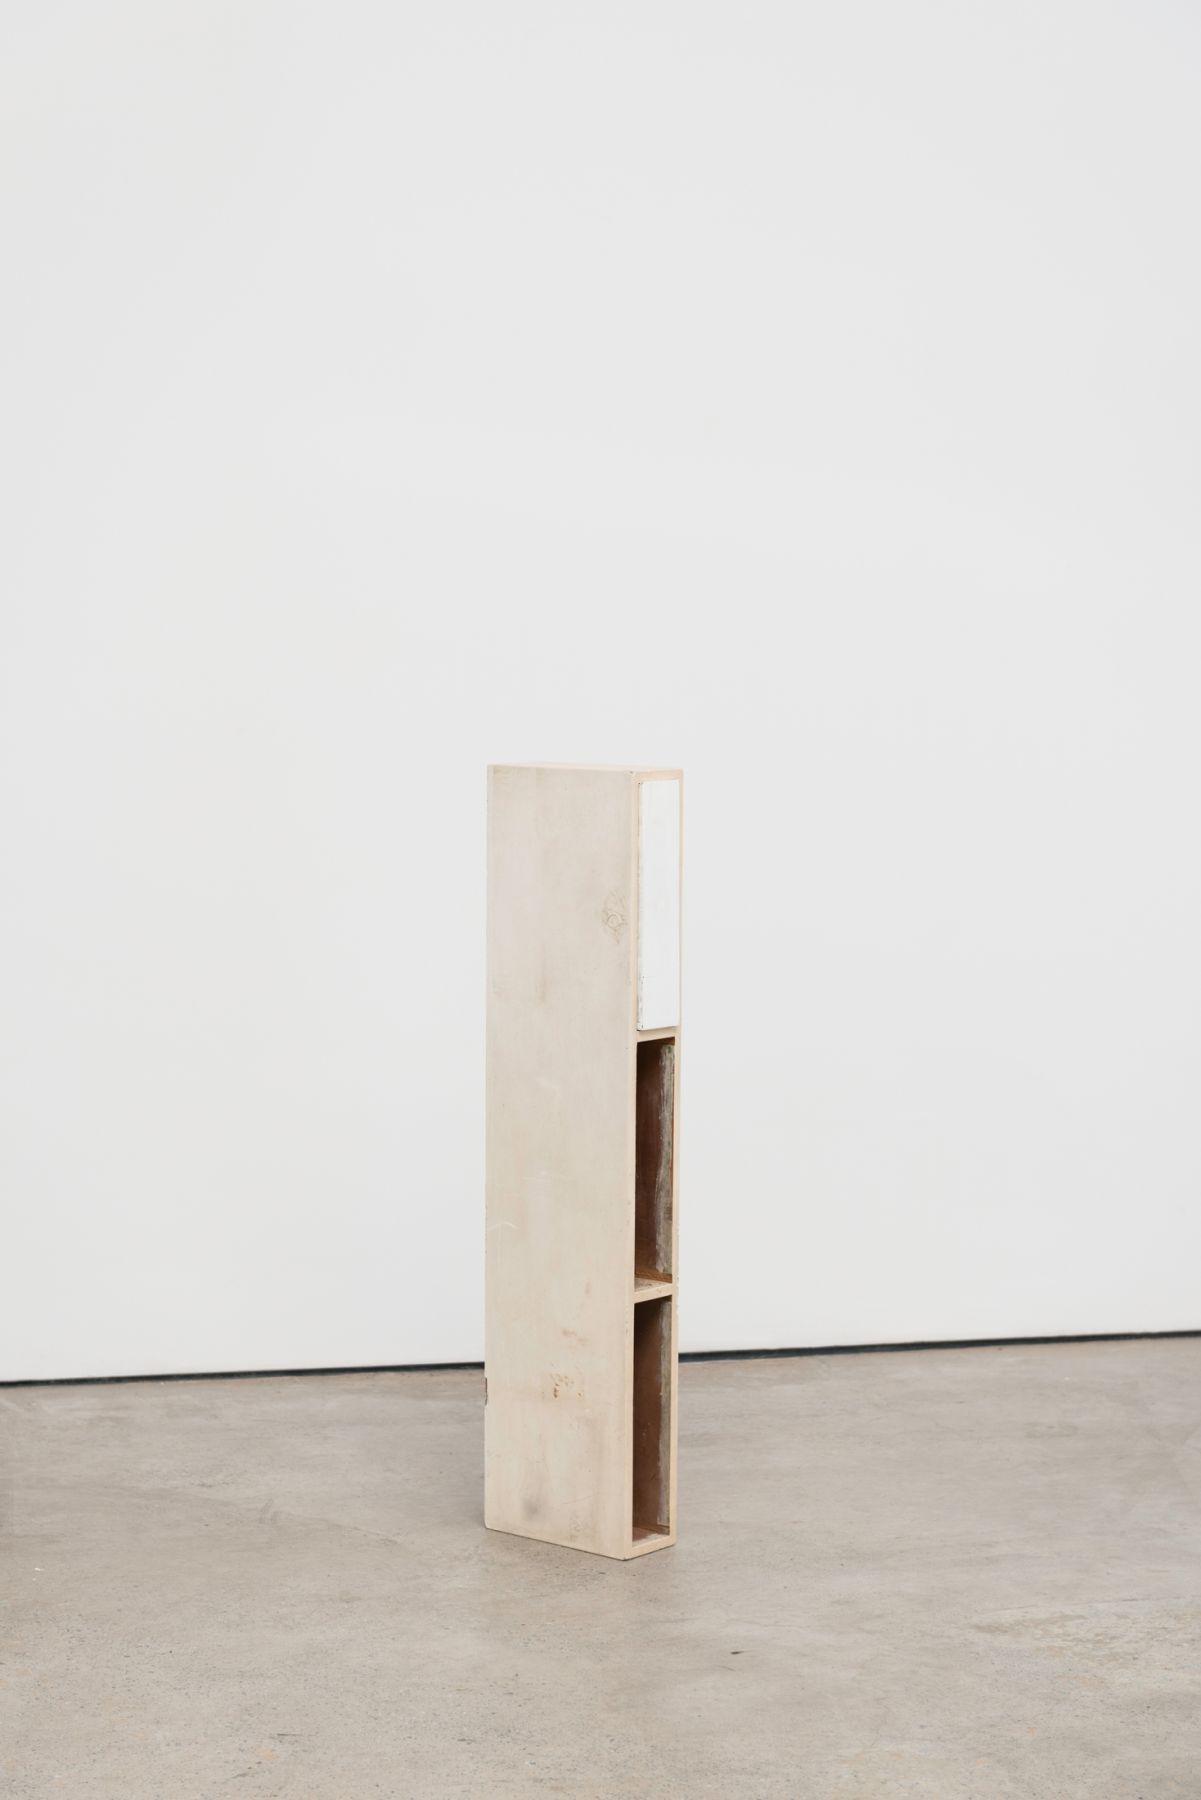 Fernanda Gomes, Untitled, 2008